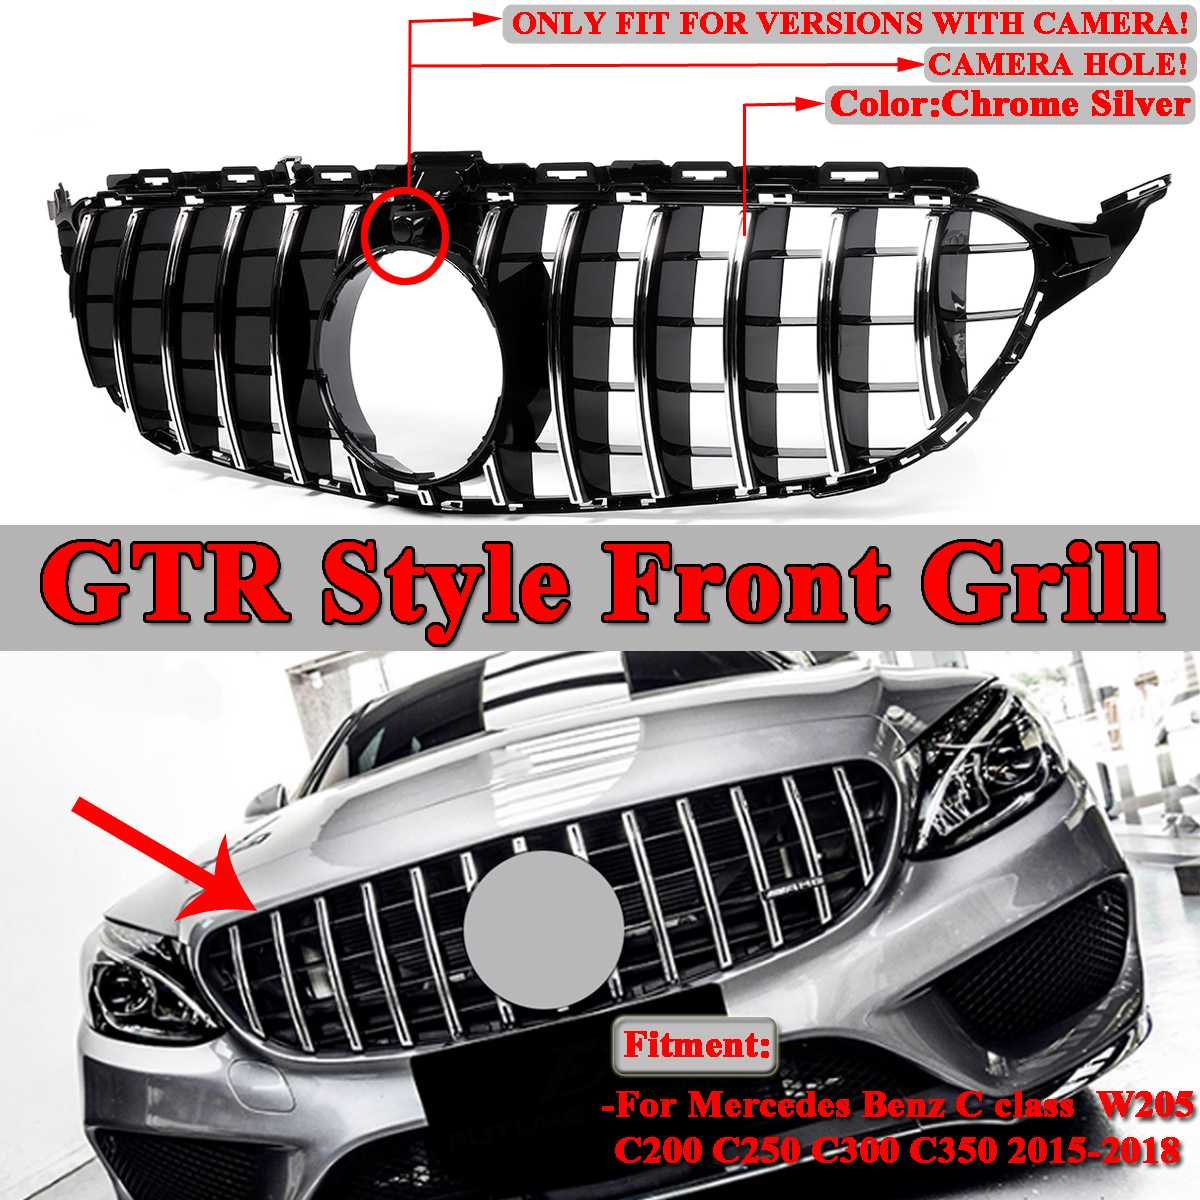 W205 GTR GT R Style calandre avant de voiture noir/Chrome argent pour Mercedes pour Benz W205 C200 C250 C300 C350 2015-2018 2Dr/4DrW205 GTR GT R Style calandre avant de voiture noir/Chrome argent pour Mercedes pour Benz W205 C200 C250 C300 C350 2015-2018 2Dr/4Dr